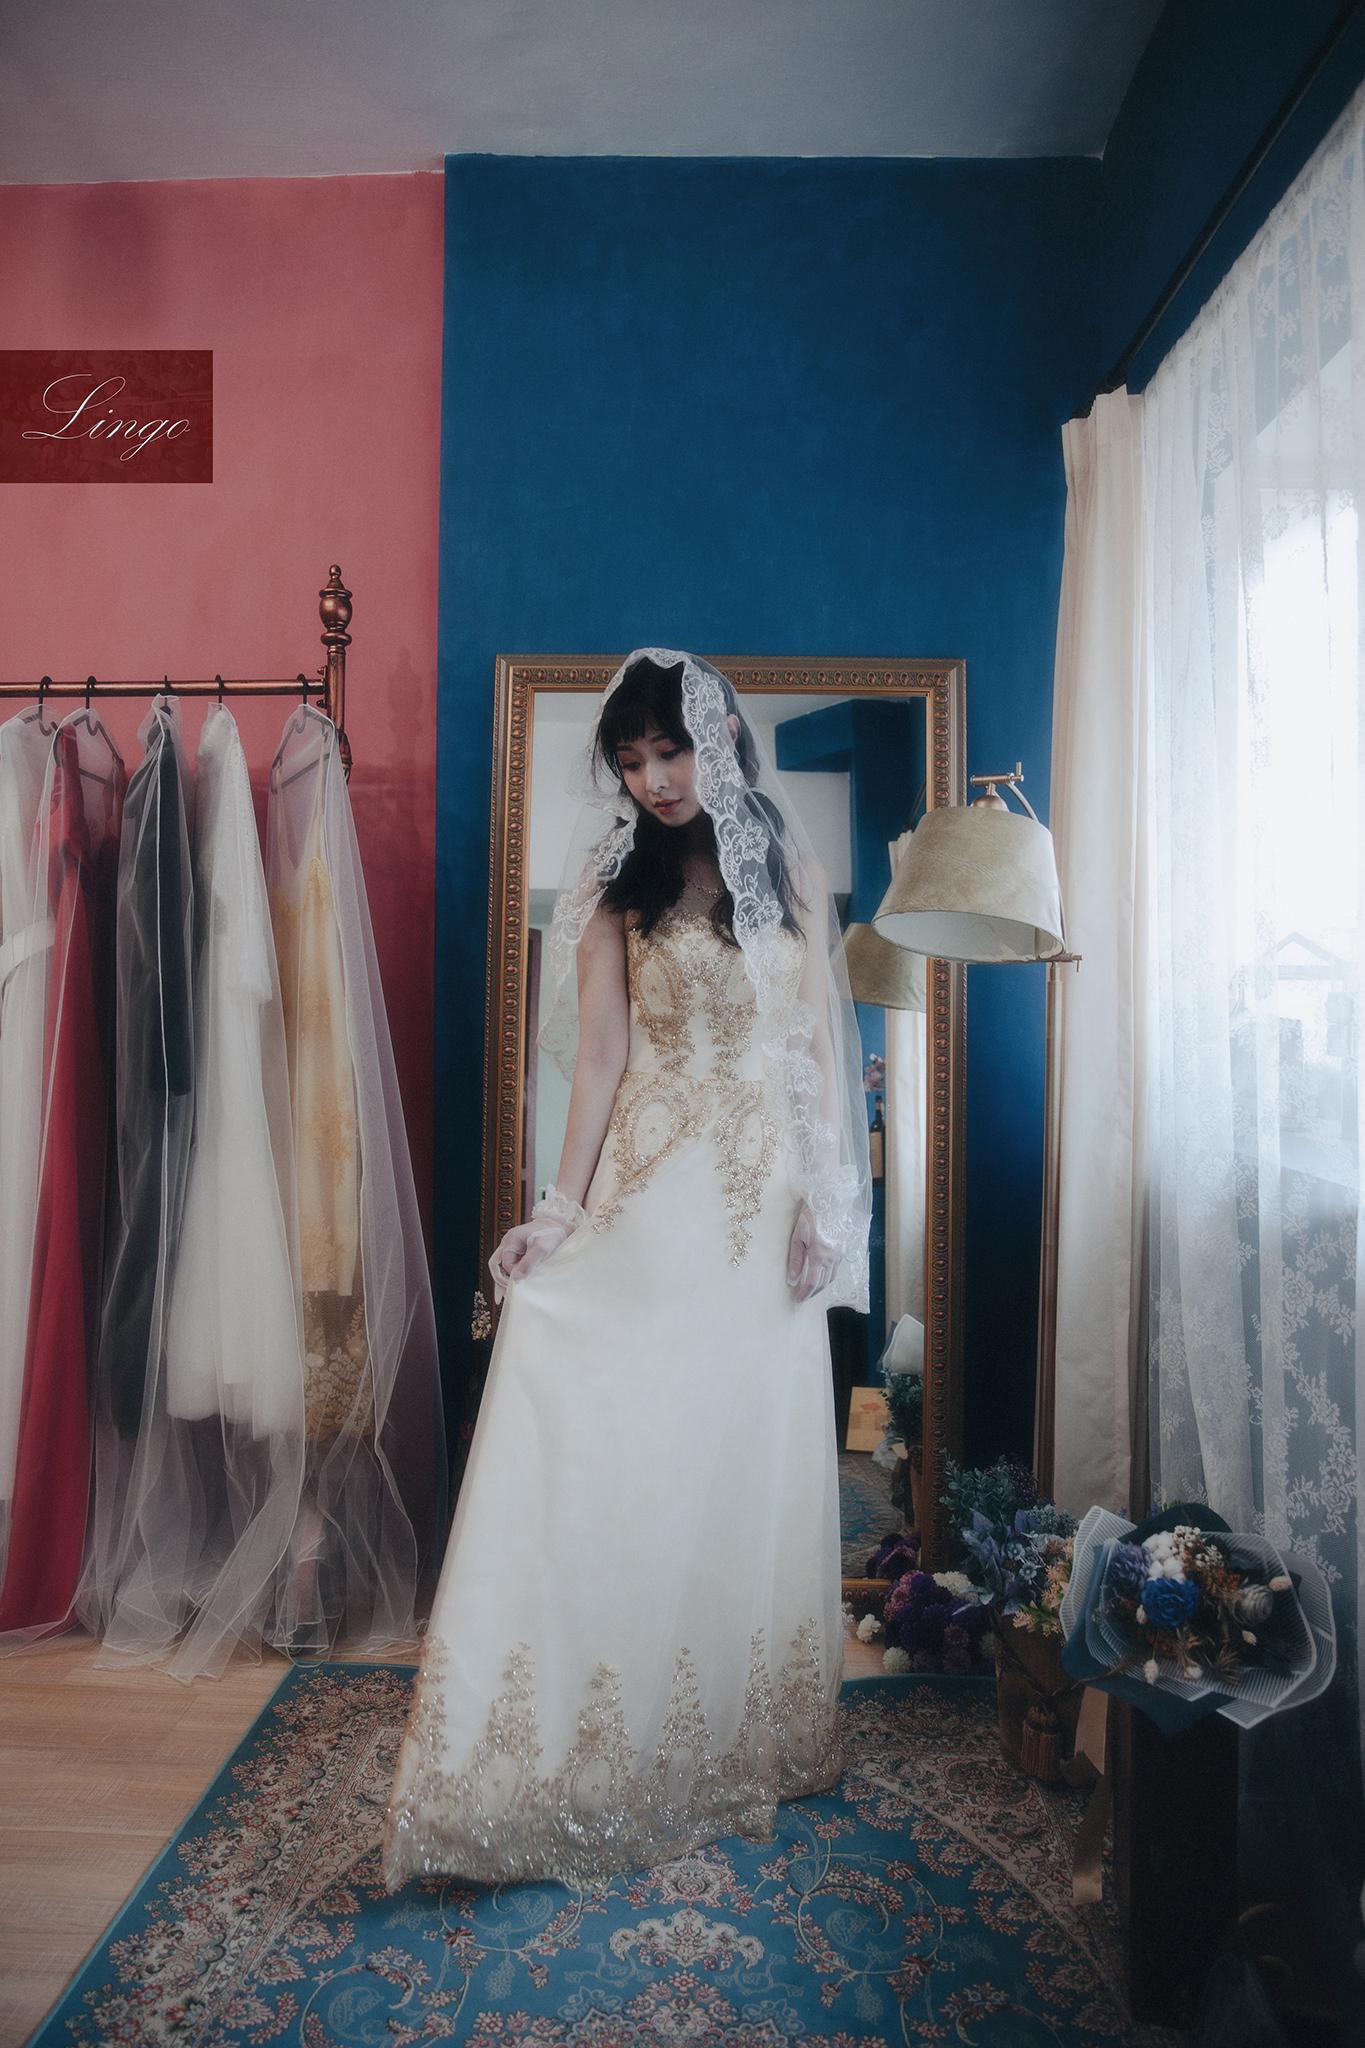 Lingo image -Bridal 33